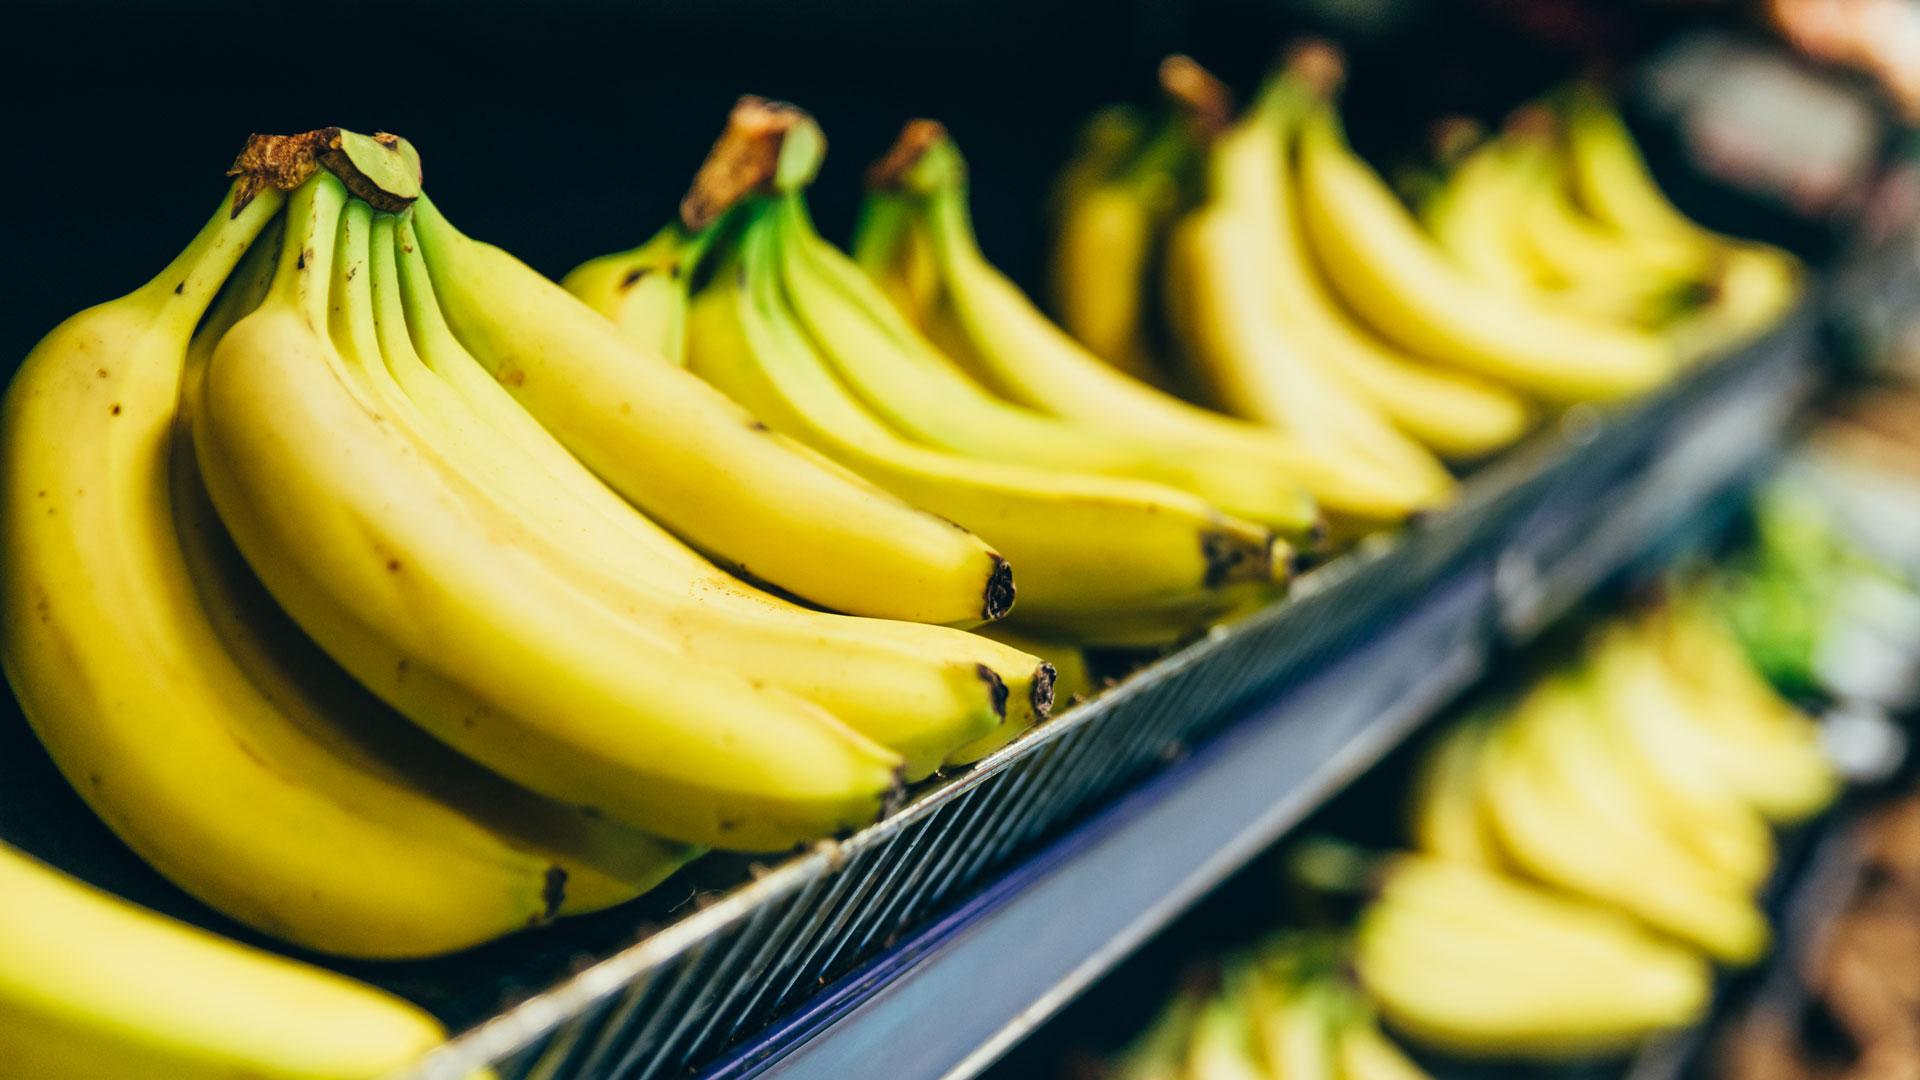 Welche ist ist beste Banane: Konventionell, Bio oder unsere EDEKA-Projekt-Banane? © Vera Petrunina / iStock-Getty Images